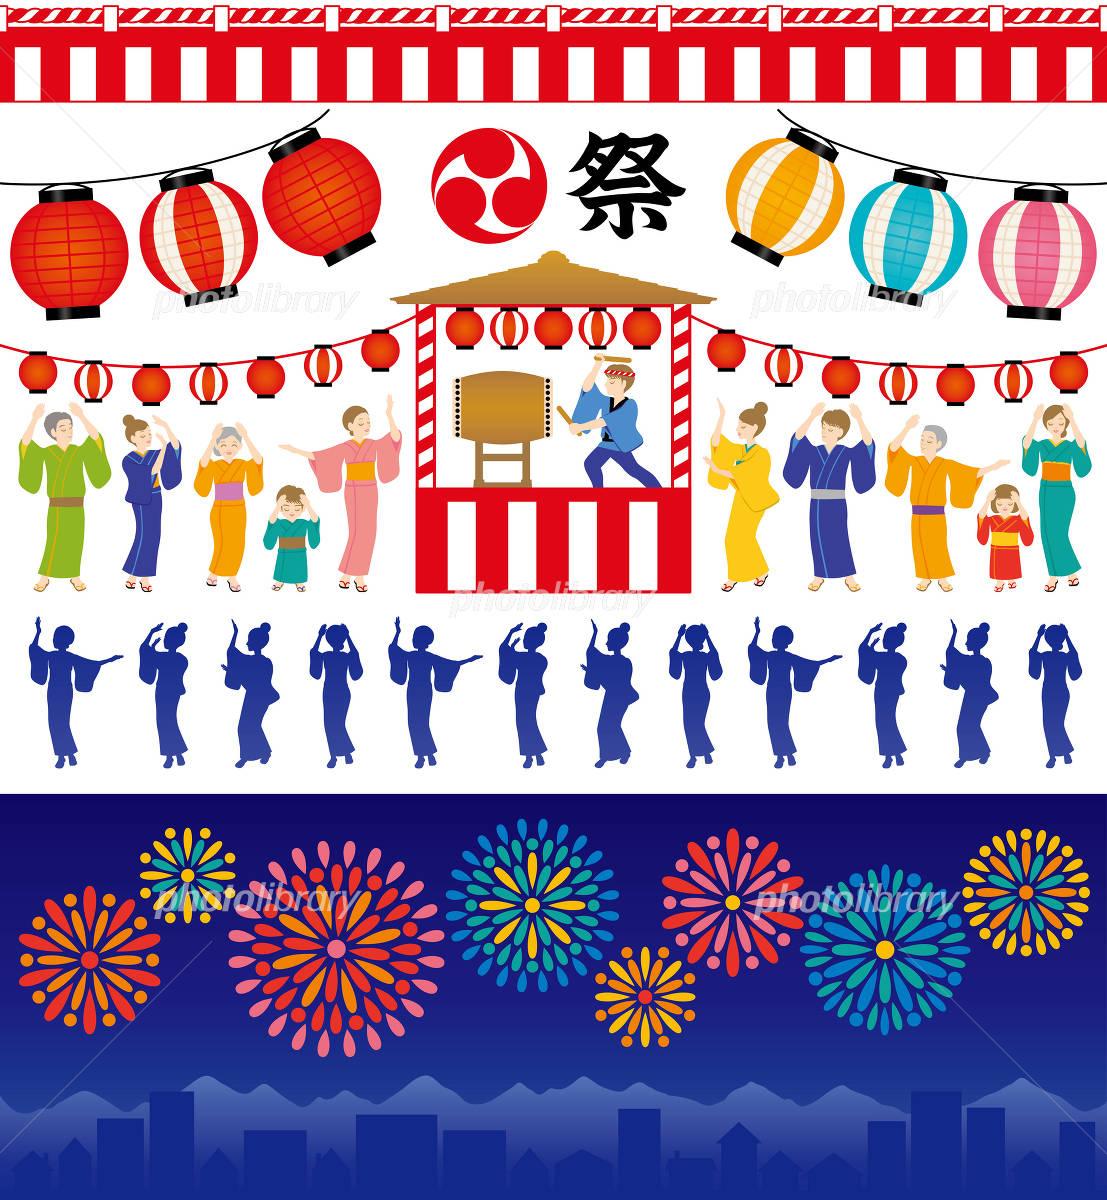 イラスト素材 夏祭り 盆踊り 花火大会のお知らせに 便利なイラストセット